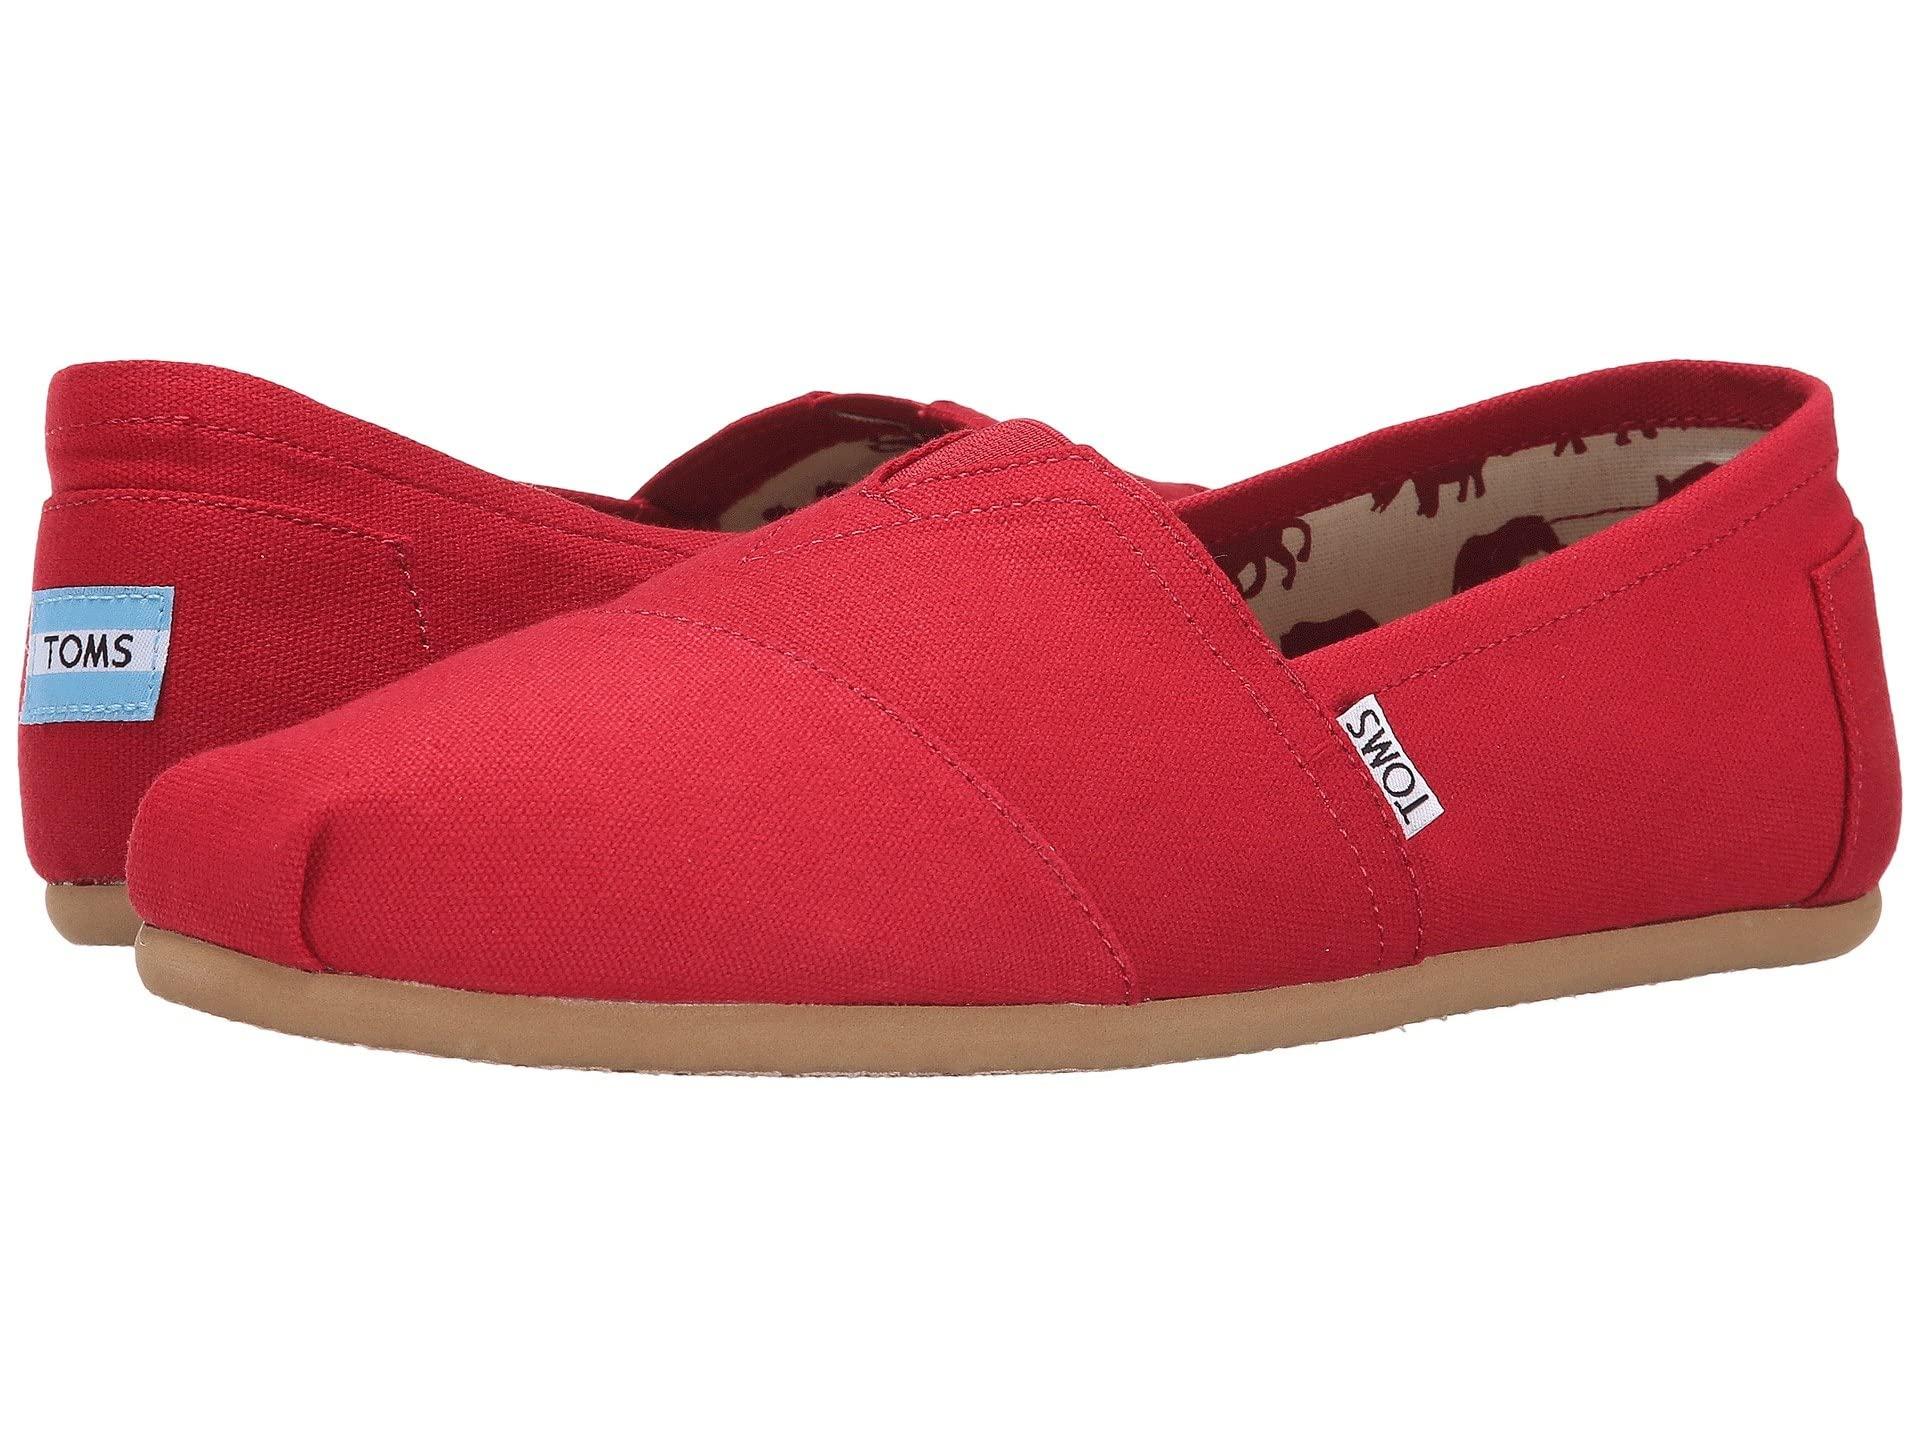 thumbnail 31 - TOMS Women's Classic Alpargata Slip On Shoes